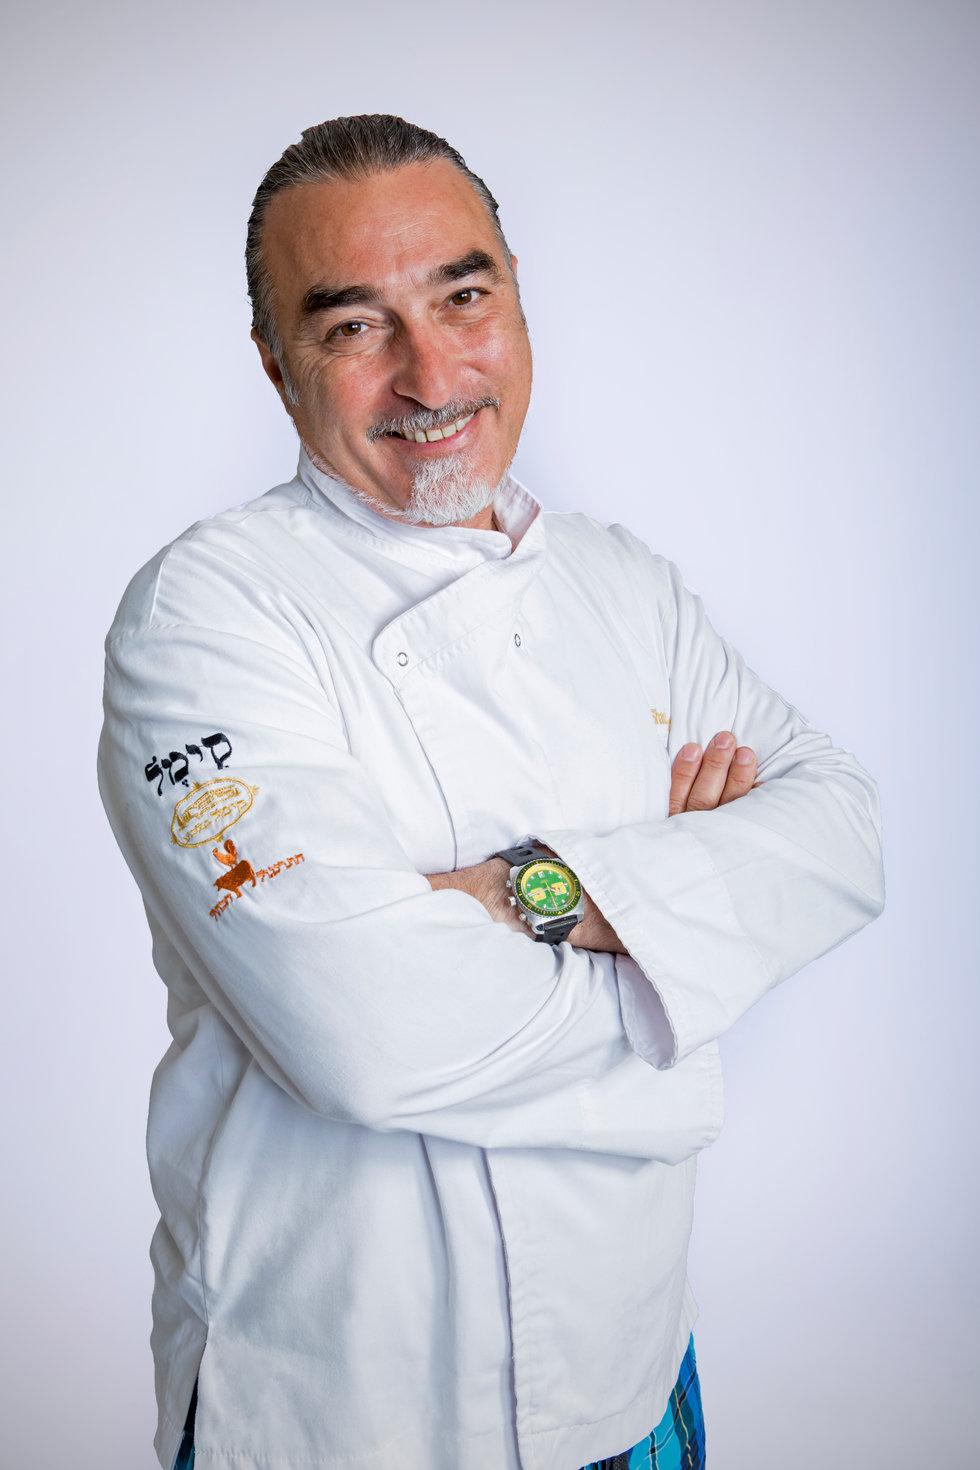 Shaul Ben Aderet